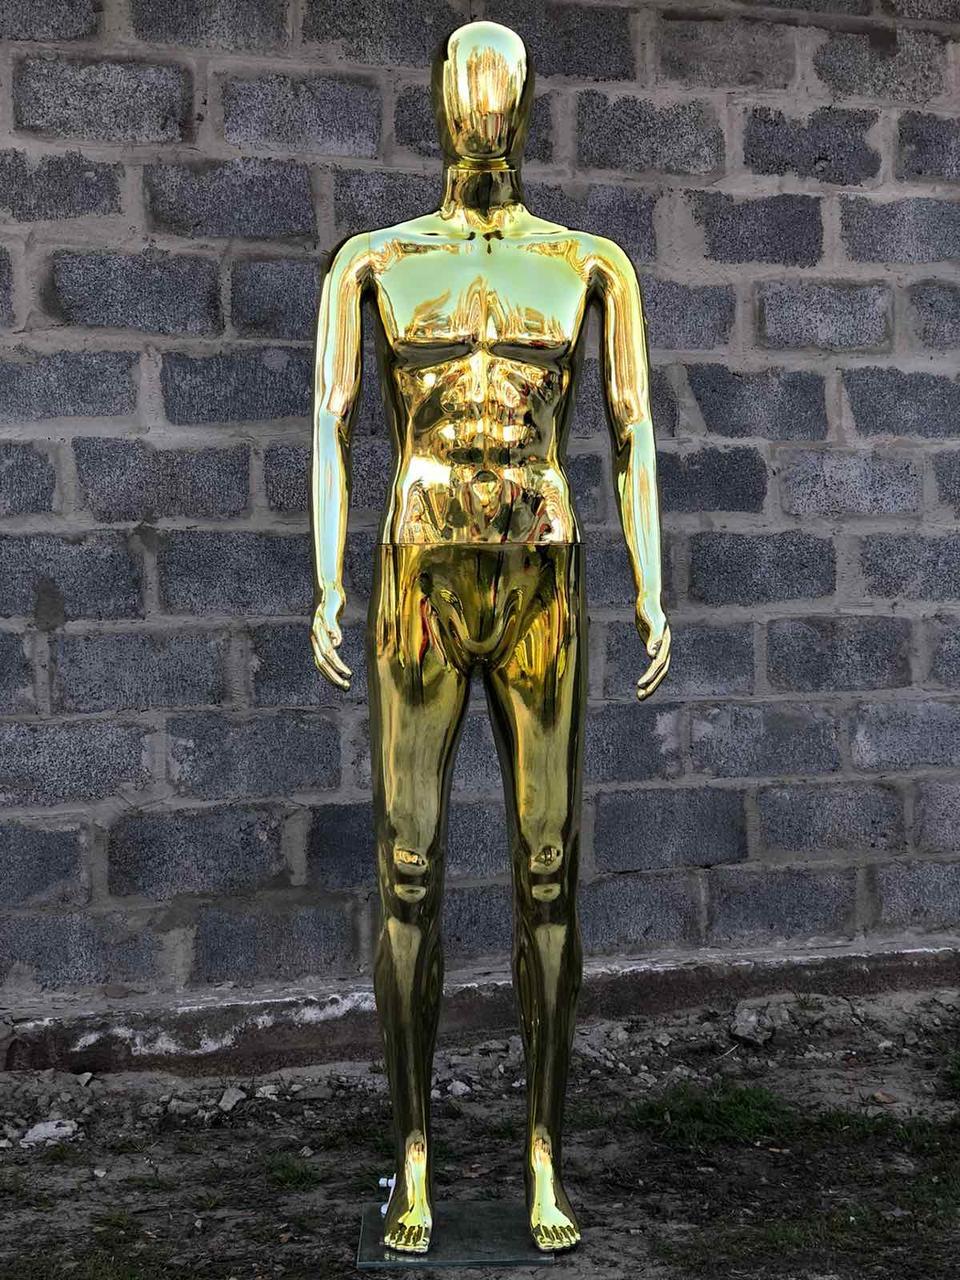 Мужской золотой манекен Аватар в полный рост на подставке